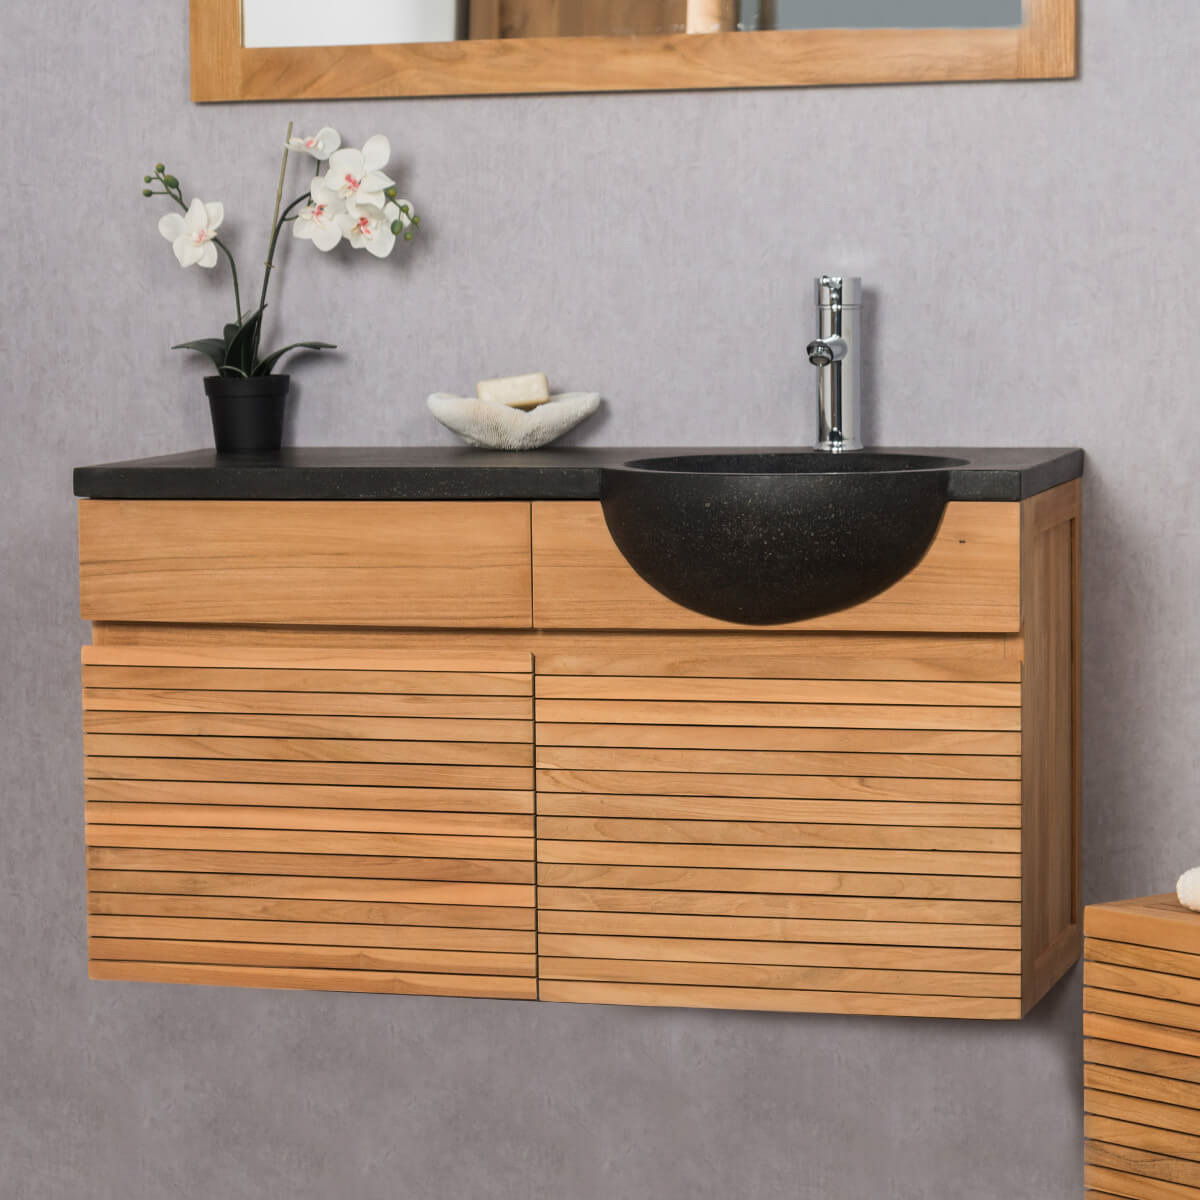 meuble avec vasque de salle de bain en teck 100 contemporain noir